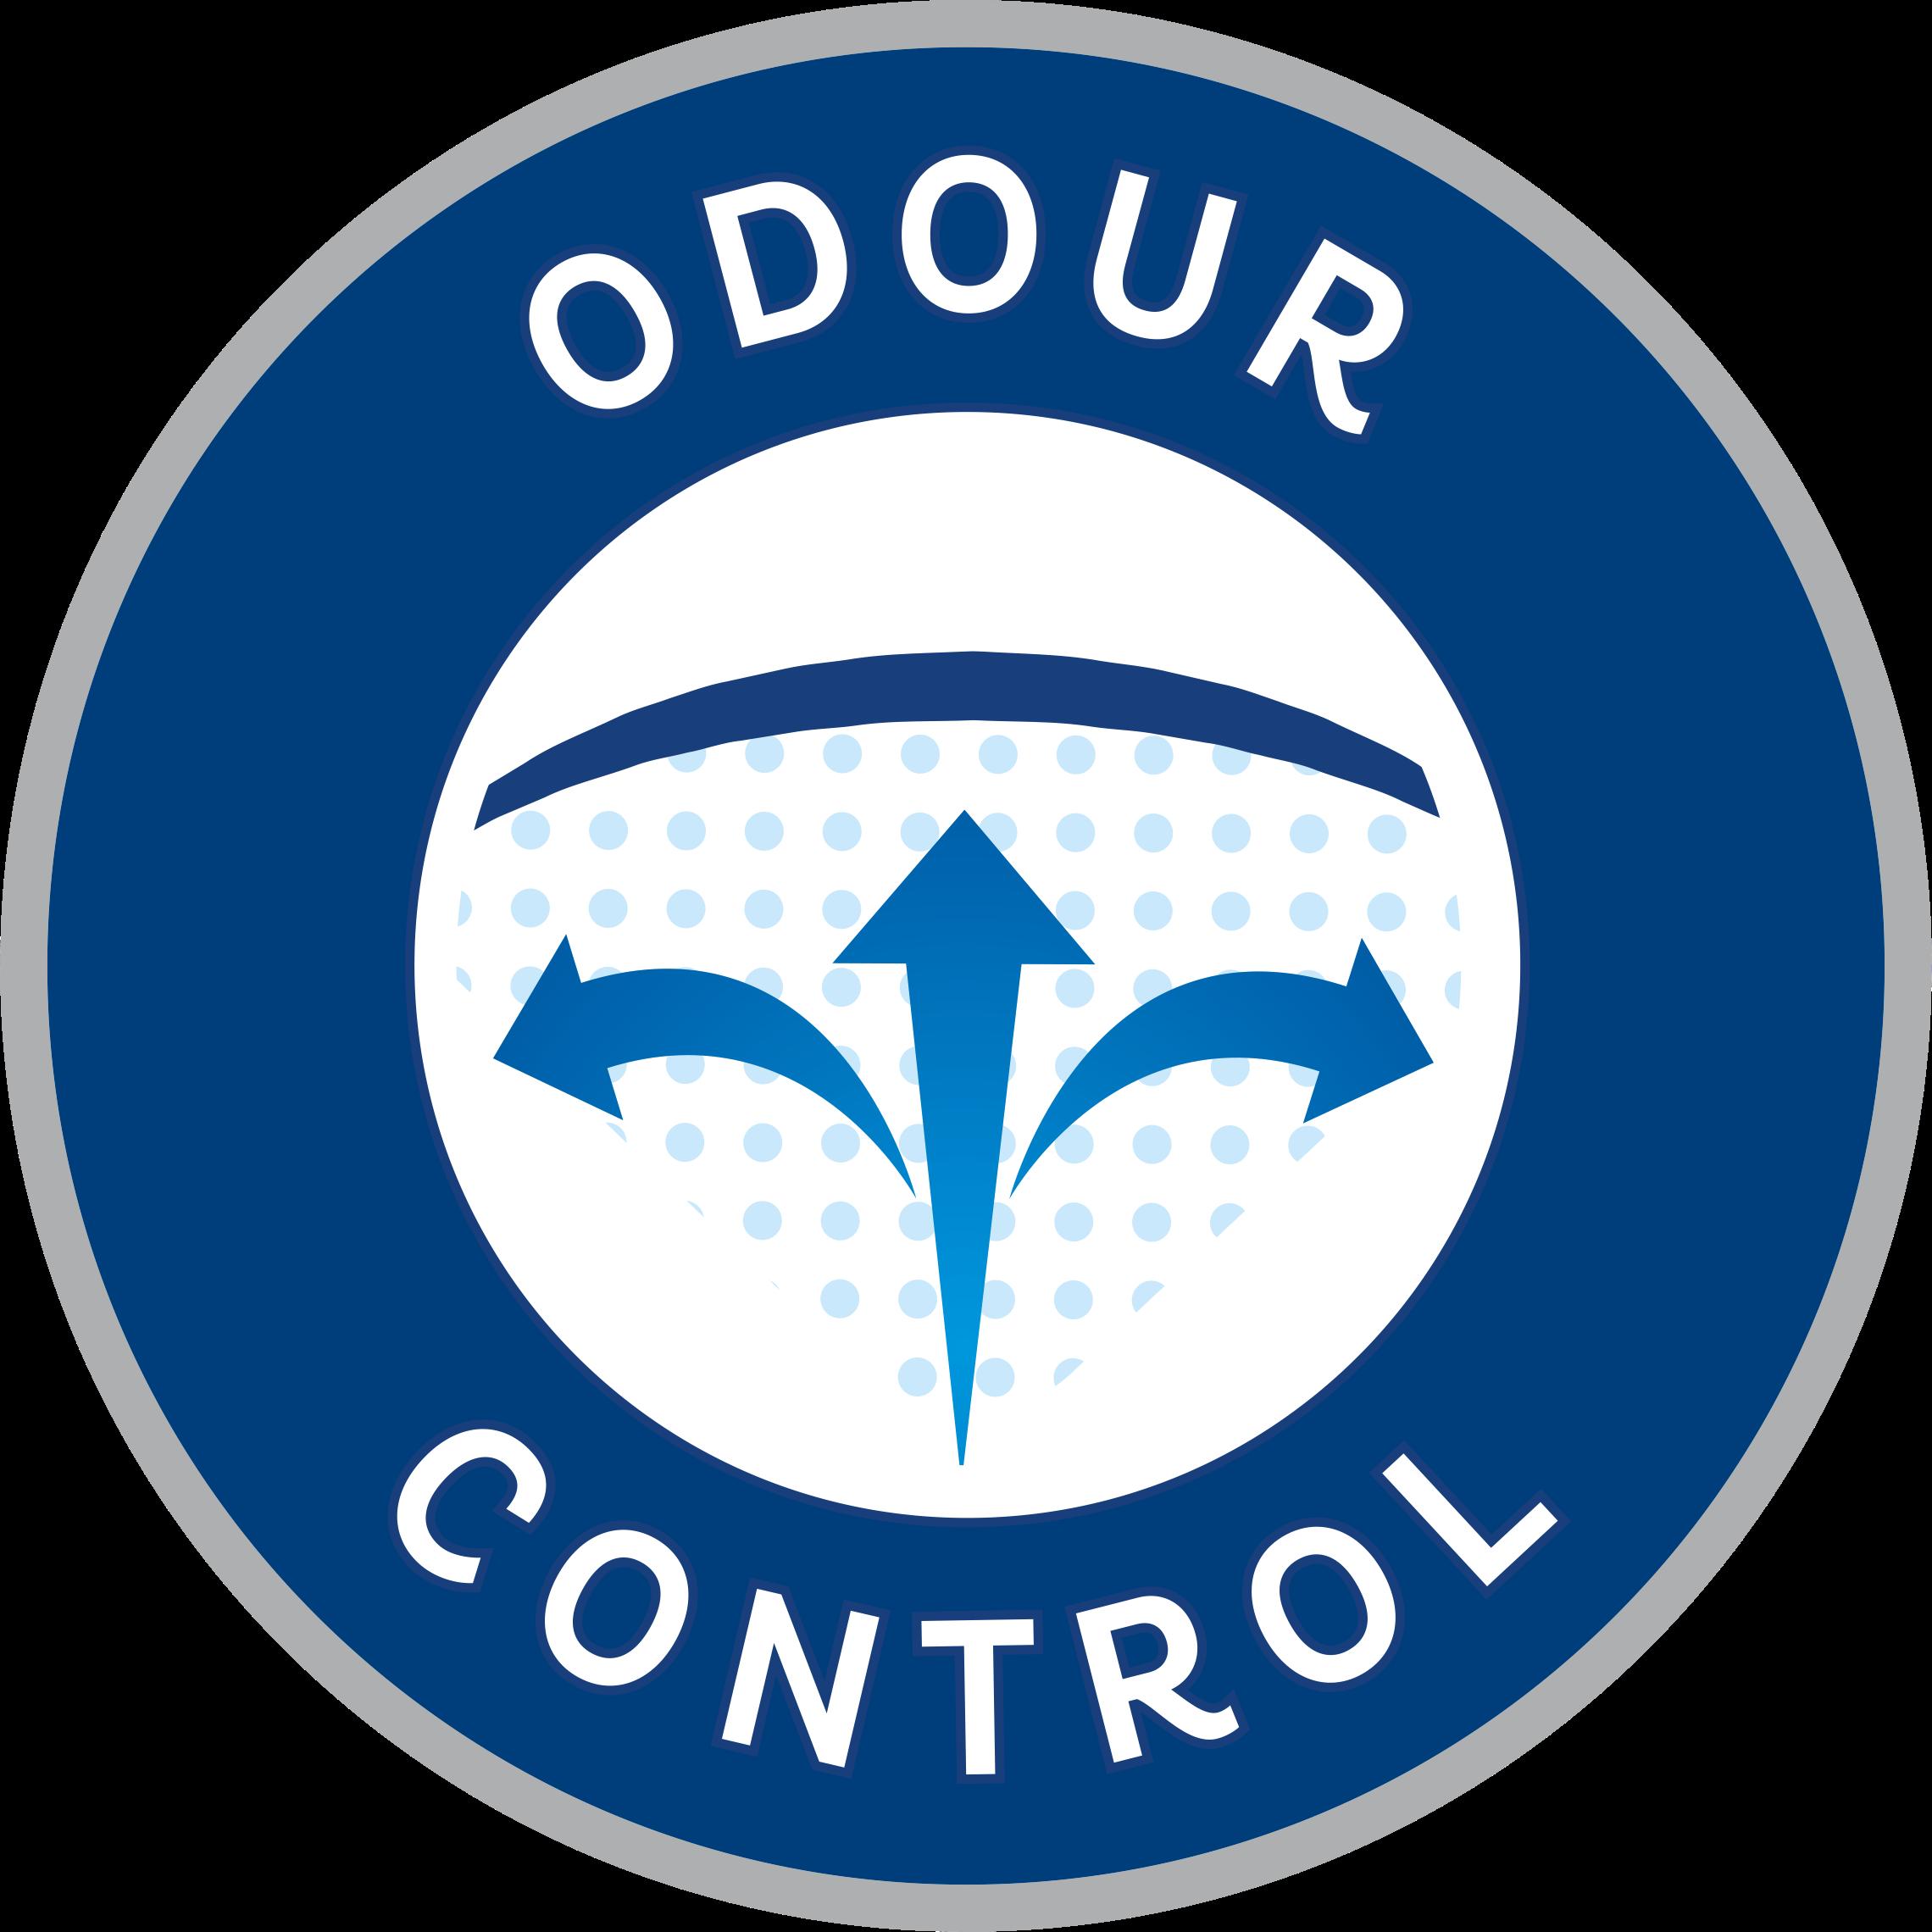 Odour Control som reducerar effekten av ammoniaklukt